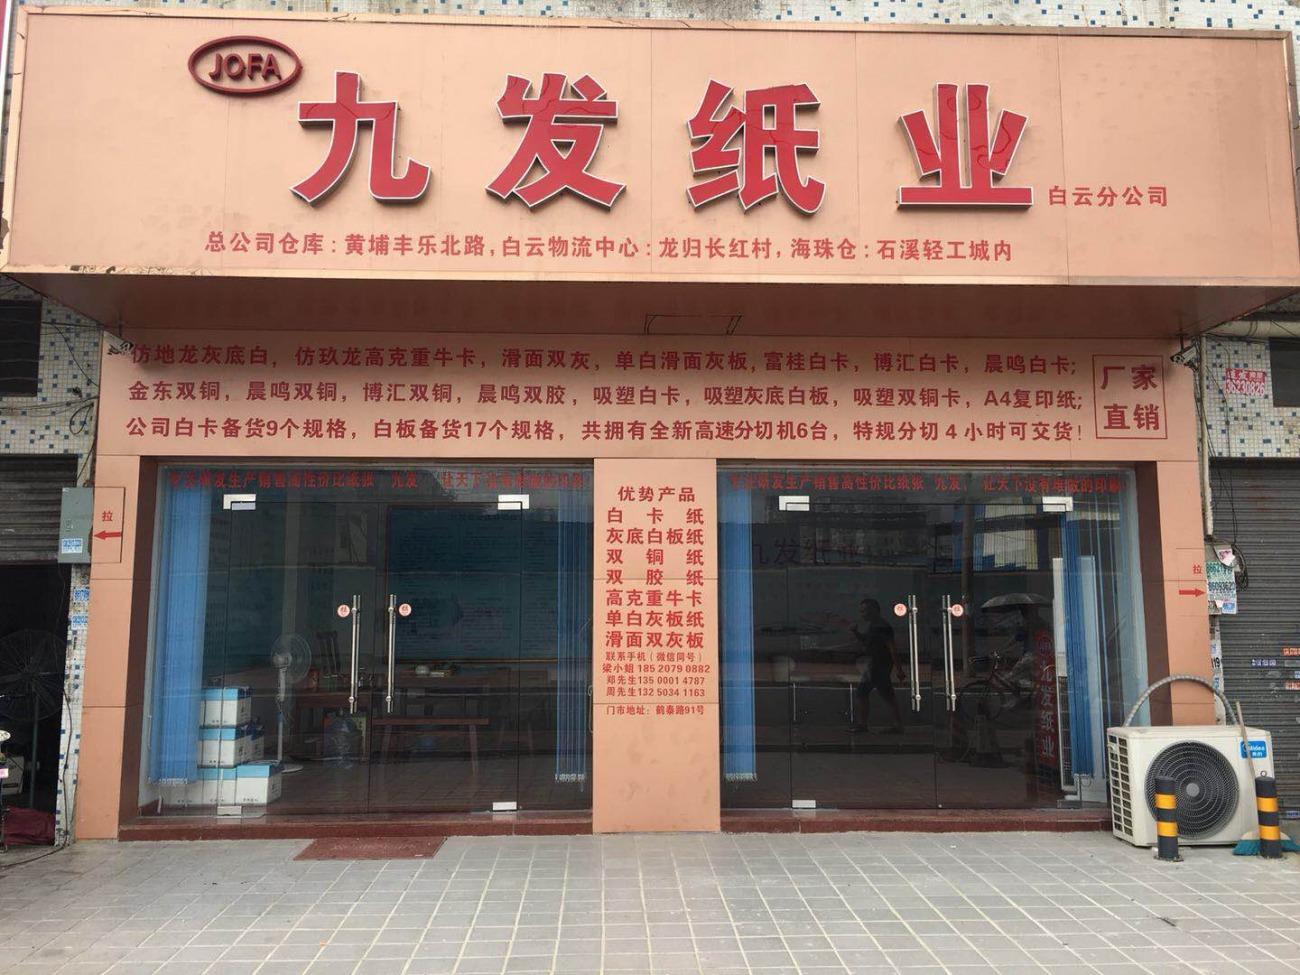 广州市九发贸易有限公司